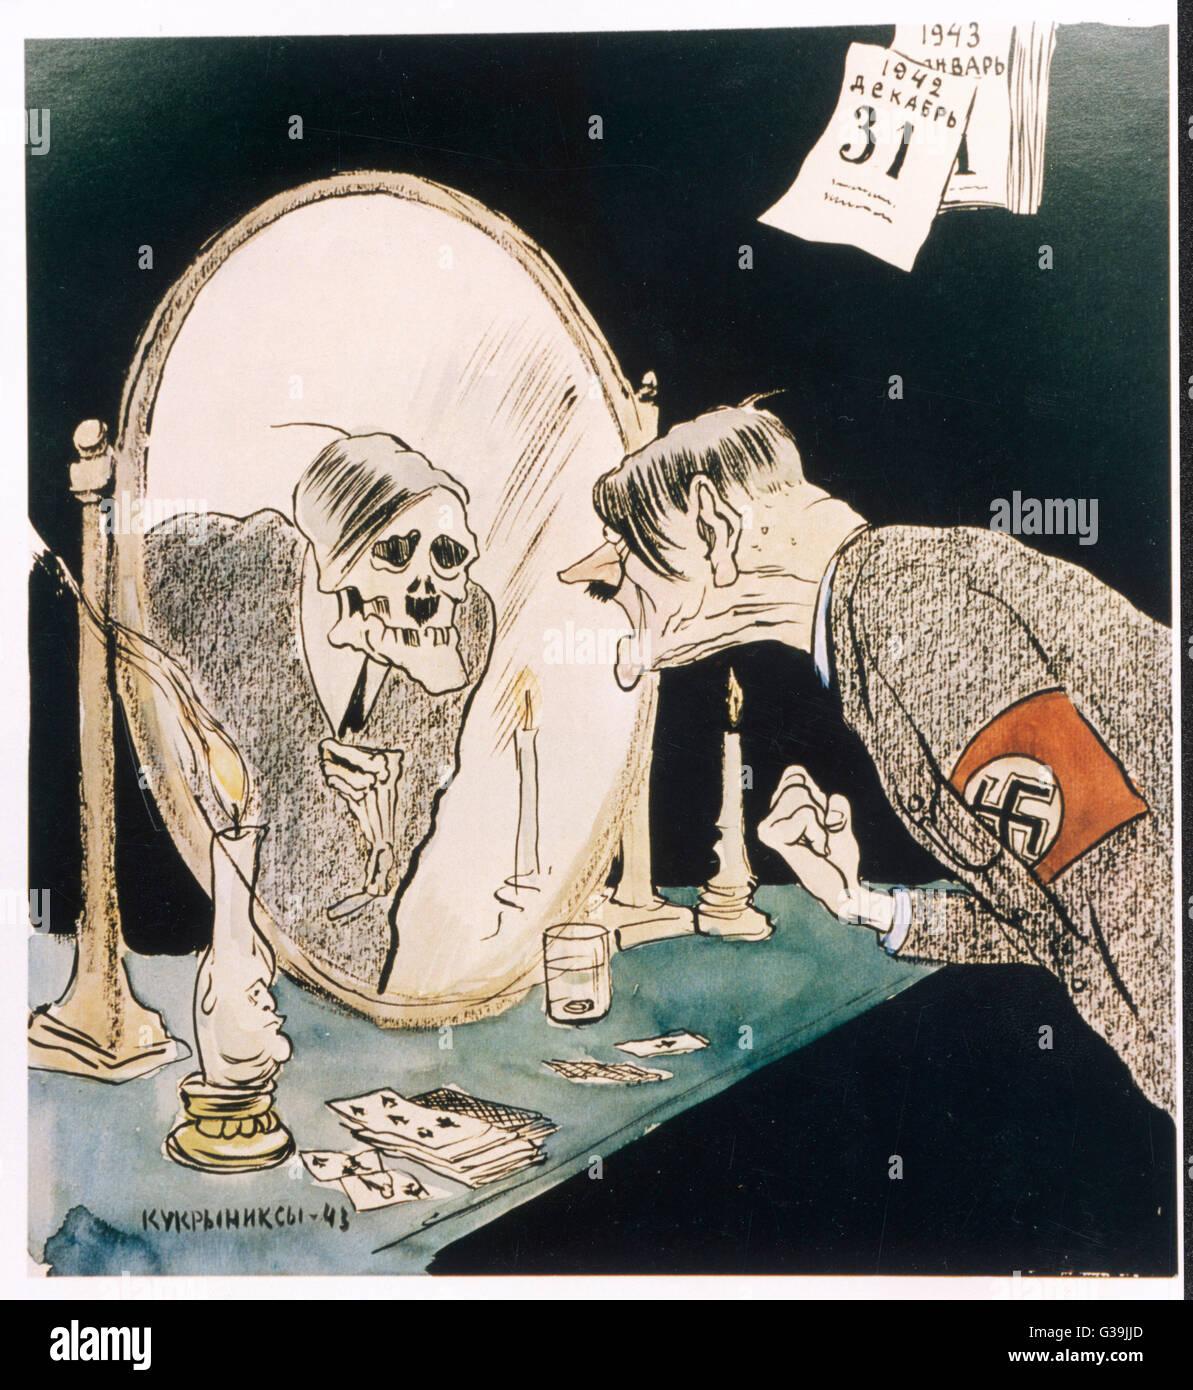 ADOLF HITLER Le calendrier sur le mur, daté de décembre 1942, Hitler fixe dans sa réflexion squelettique Photo Stock